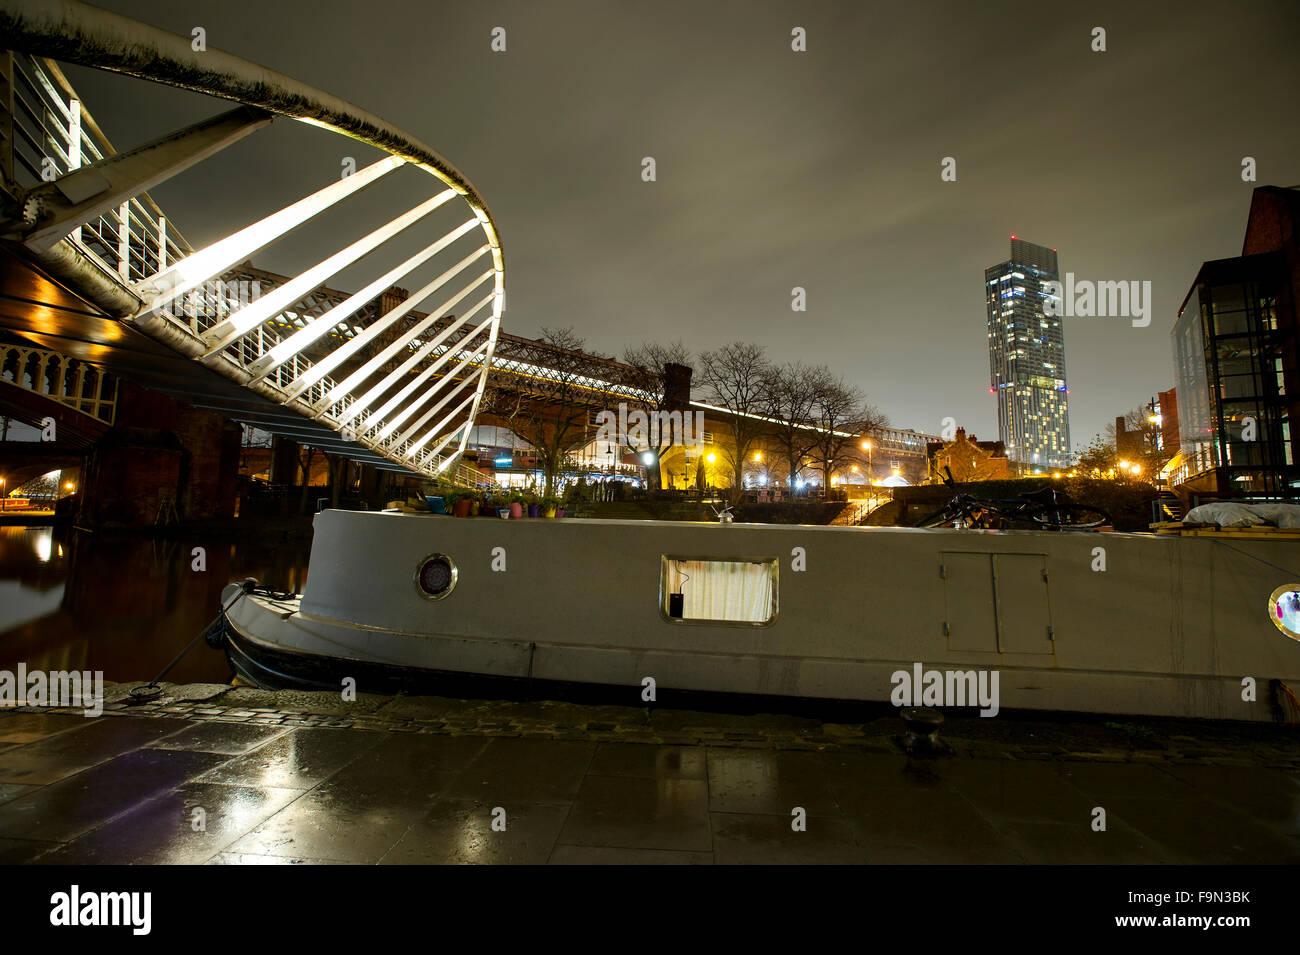 La nuit de l'image du bassin Castlefield Rochdale Canal, dans le centre-ville de Manchester. Photo par Paul Photo Stock